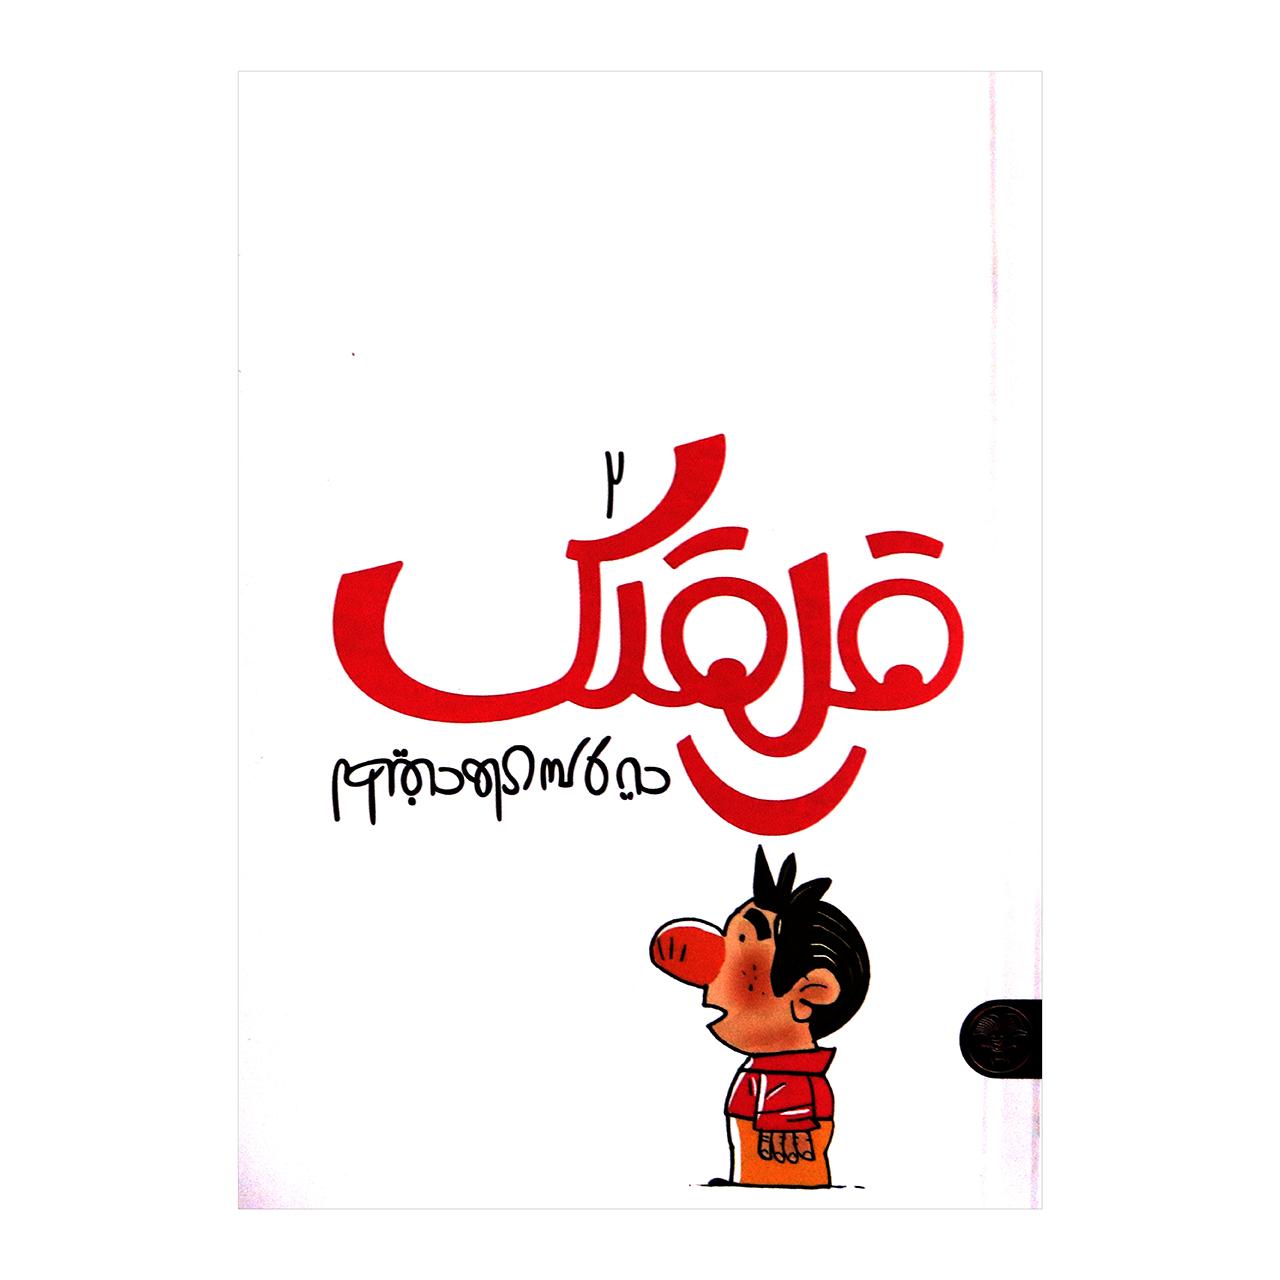 خرید                      کتاب قلقلک 2 لطیفه های سر و ته اثر نرگس جاجرودی از انتشارات کتاب پارک